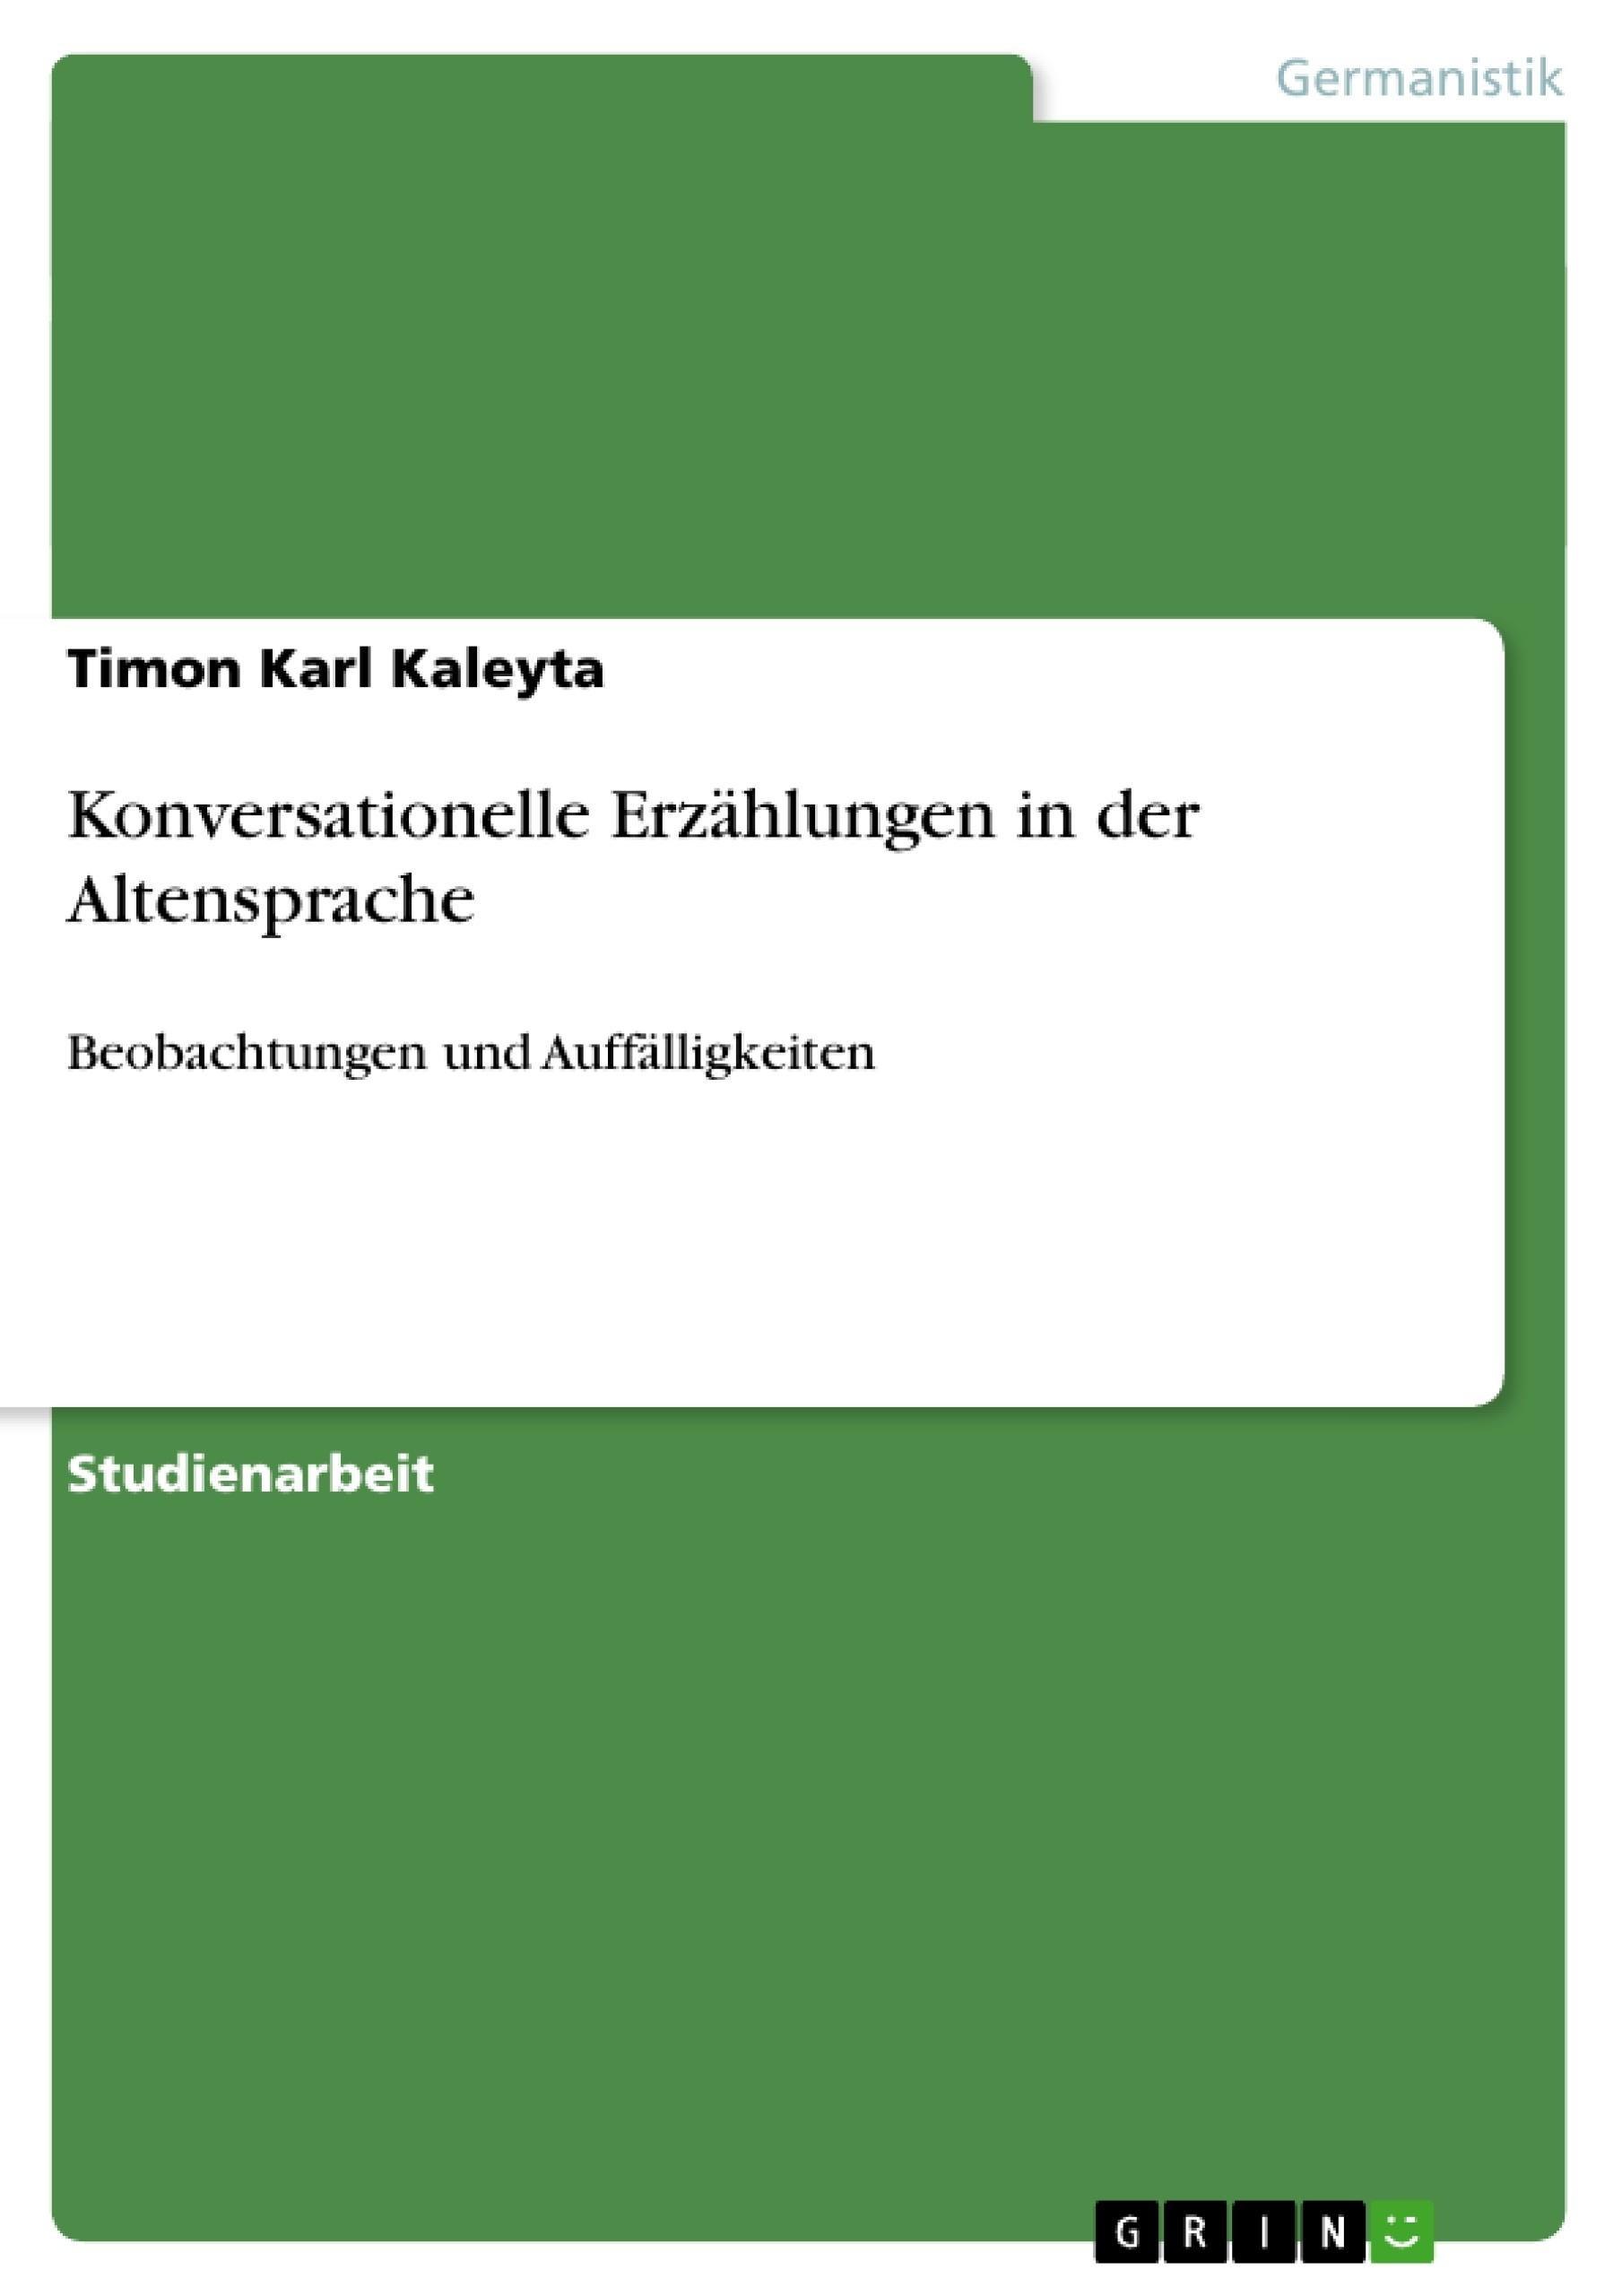 Titel: Konversationelle Erzählungen in der Altensprache